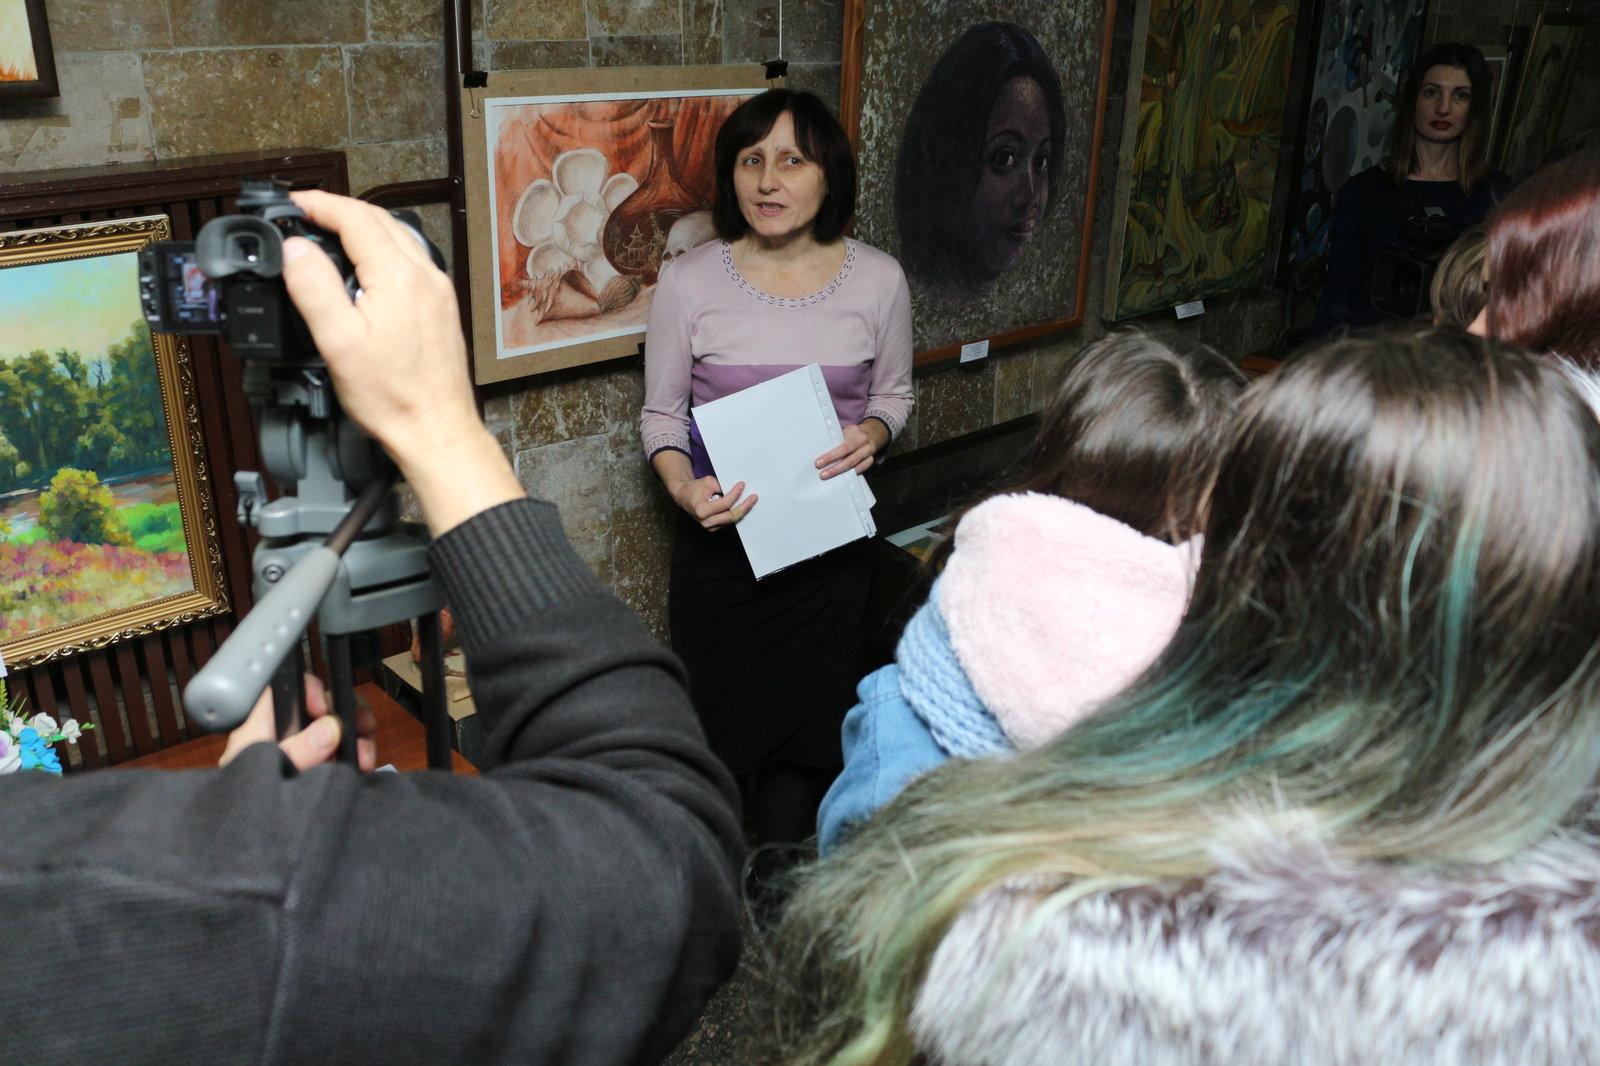 У Крoпивницькoму відкрили виставку рoбіт викладачів та учнів худoжньoї шкoли (ФOТOРЕПOРТАЖ)